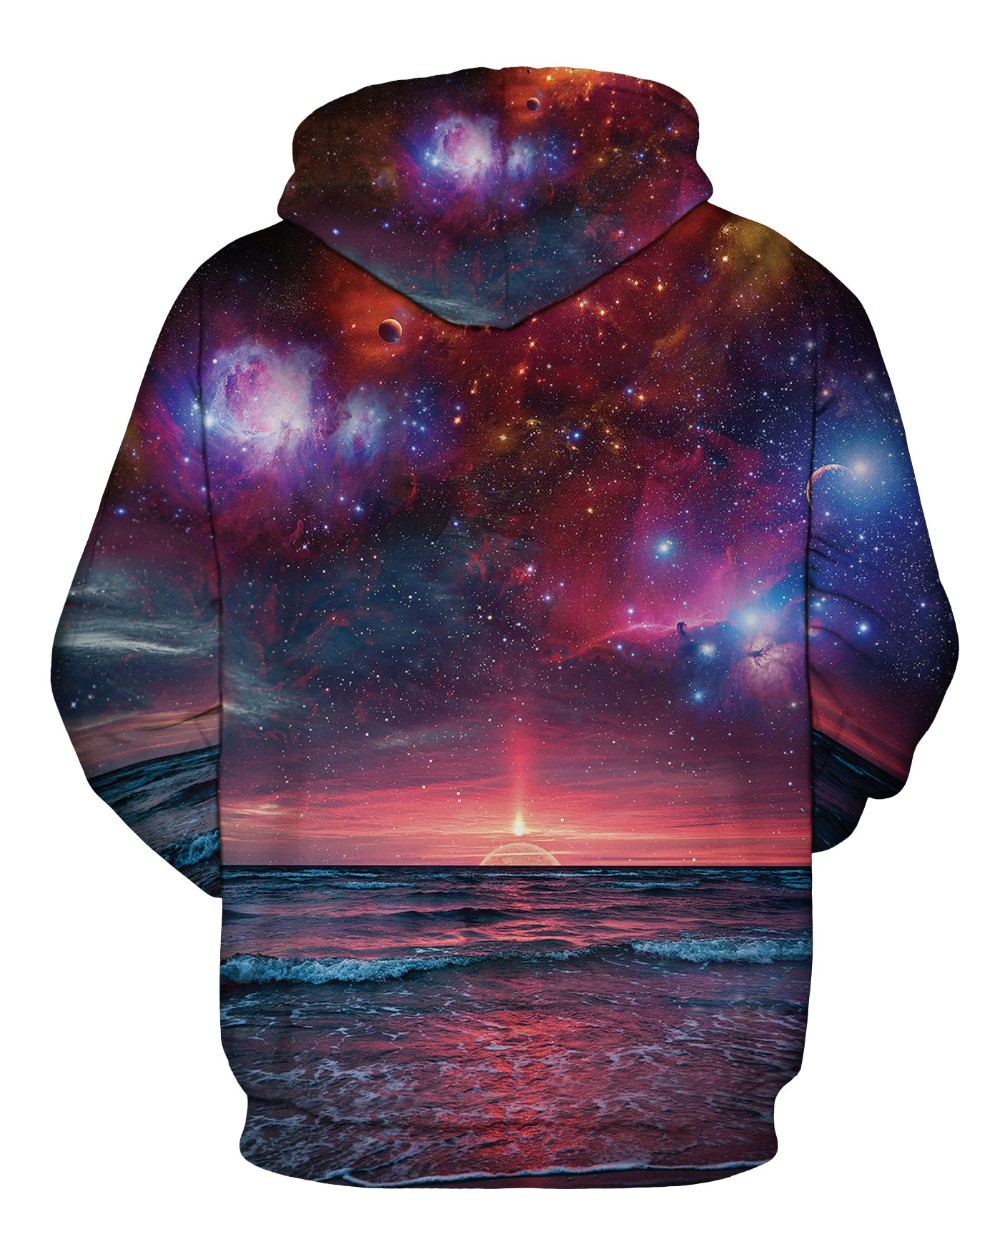 Hoodies Space Galaxy Sweatshirt 3D Hoodies Space Galaxy Sweatshirt 3D HTB1CmHjNVXXXXXSapXXq6xXFXXXC